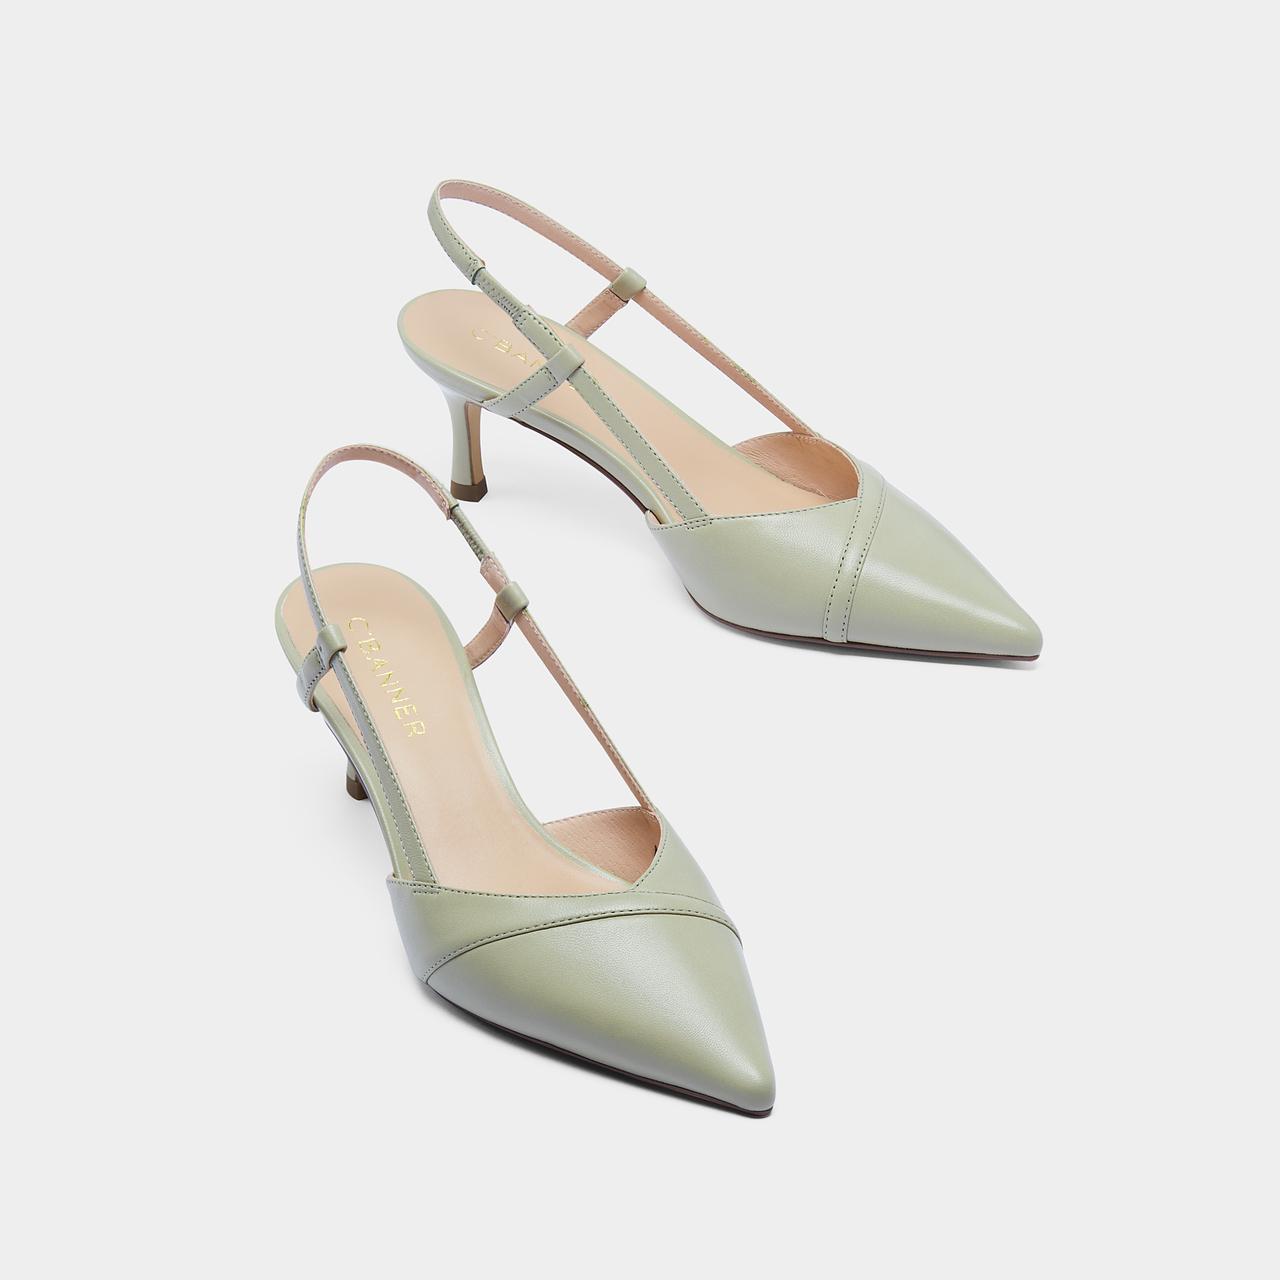 春夏新款小猫跟后空单鞋 2021 千百度女鞋尖头细跟羊皮高跟时装凉鞋